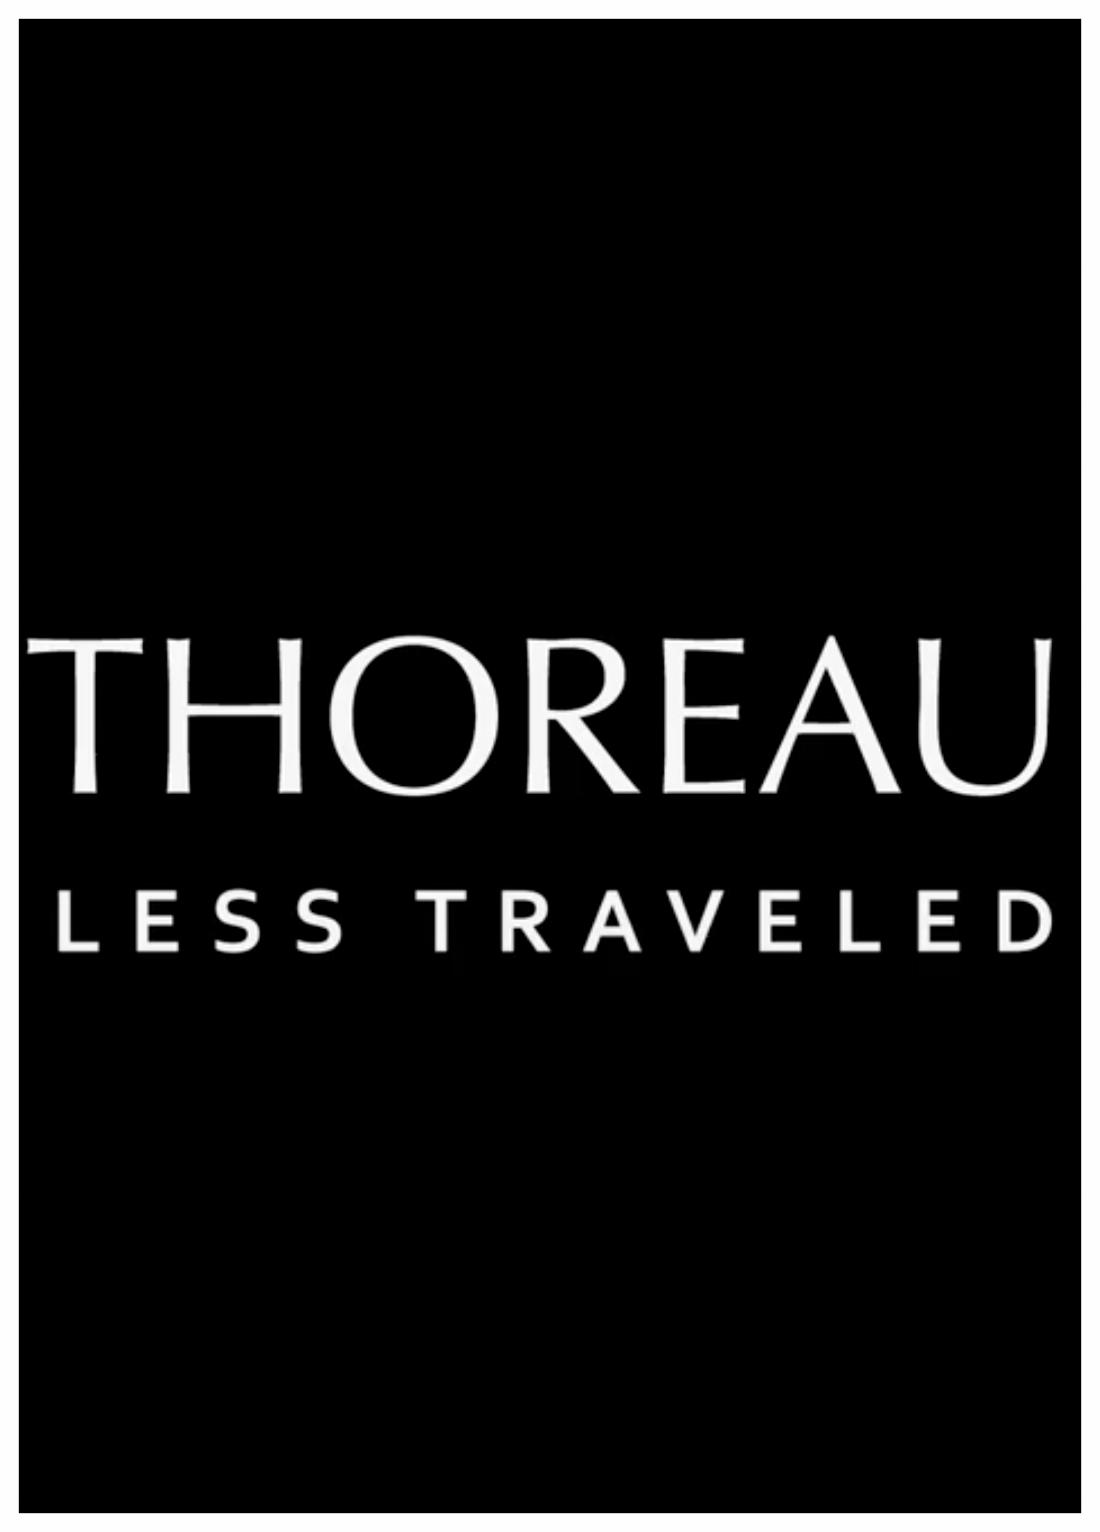 Thoreau Less Traveled